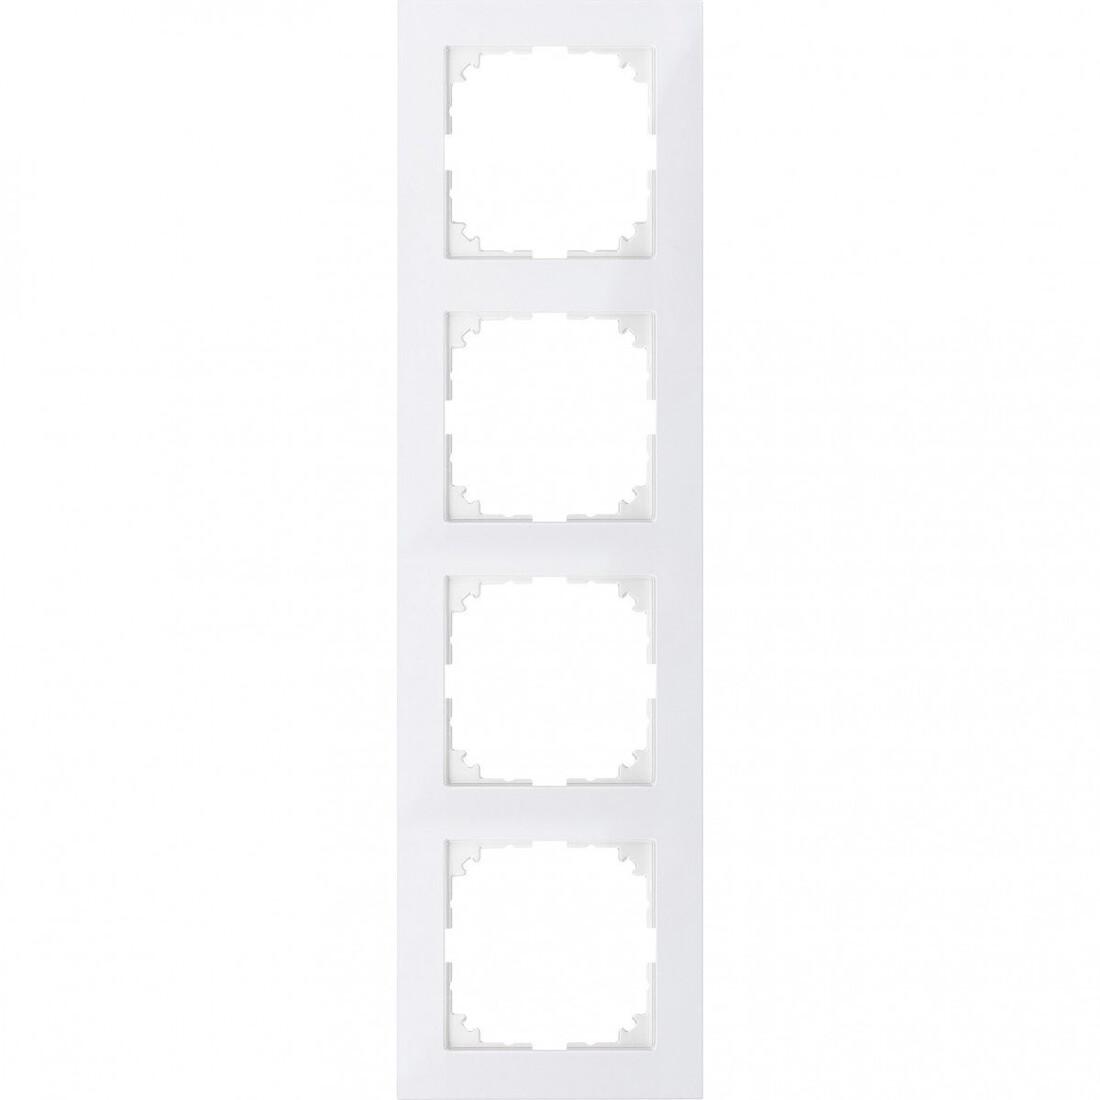 Schneider Electric Merten M-Pure 4-voudig afdekraam - polarwit glanzend (MEG4040-3619)